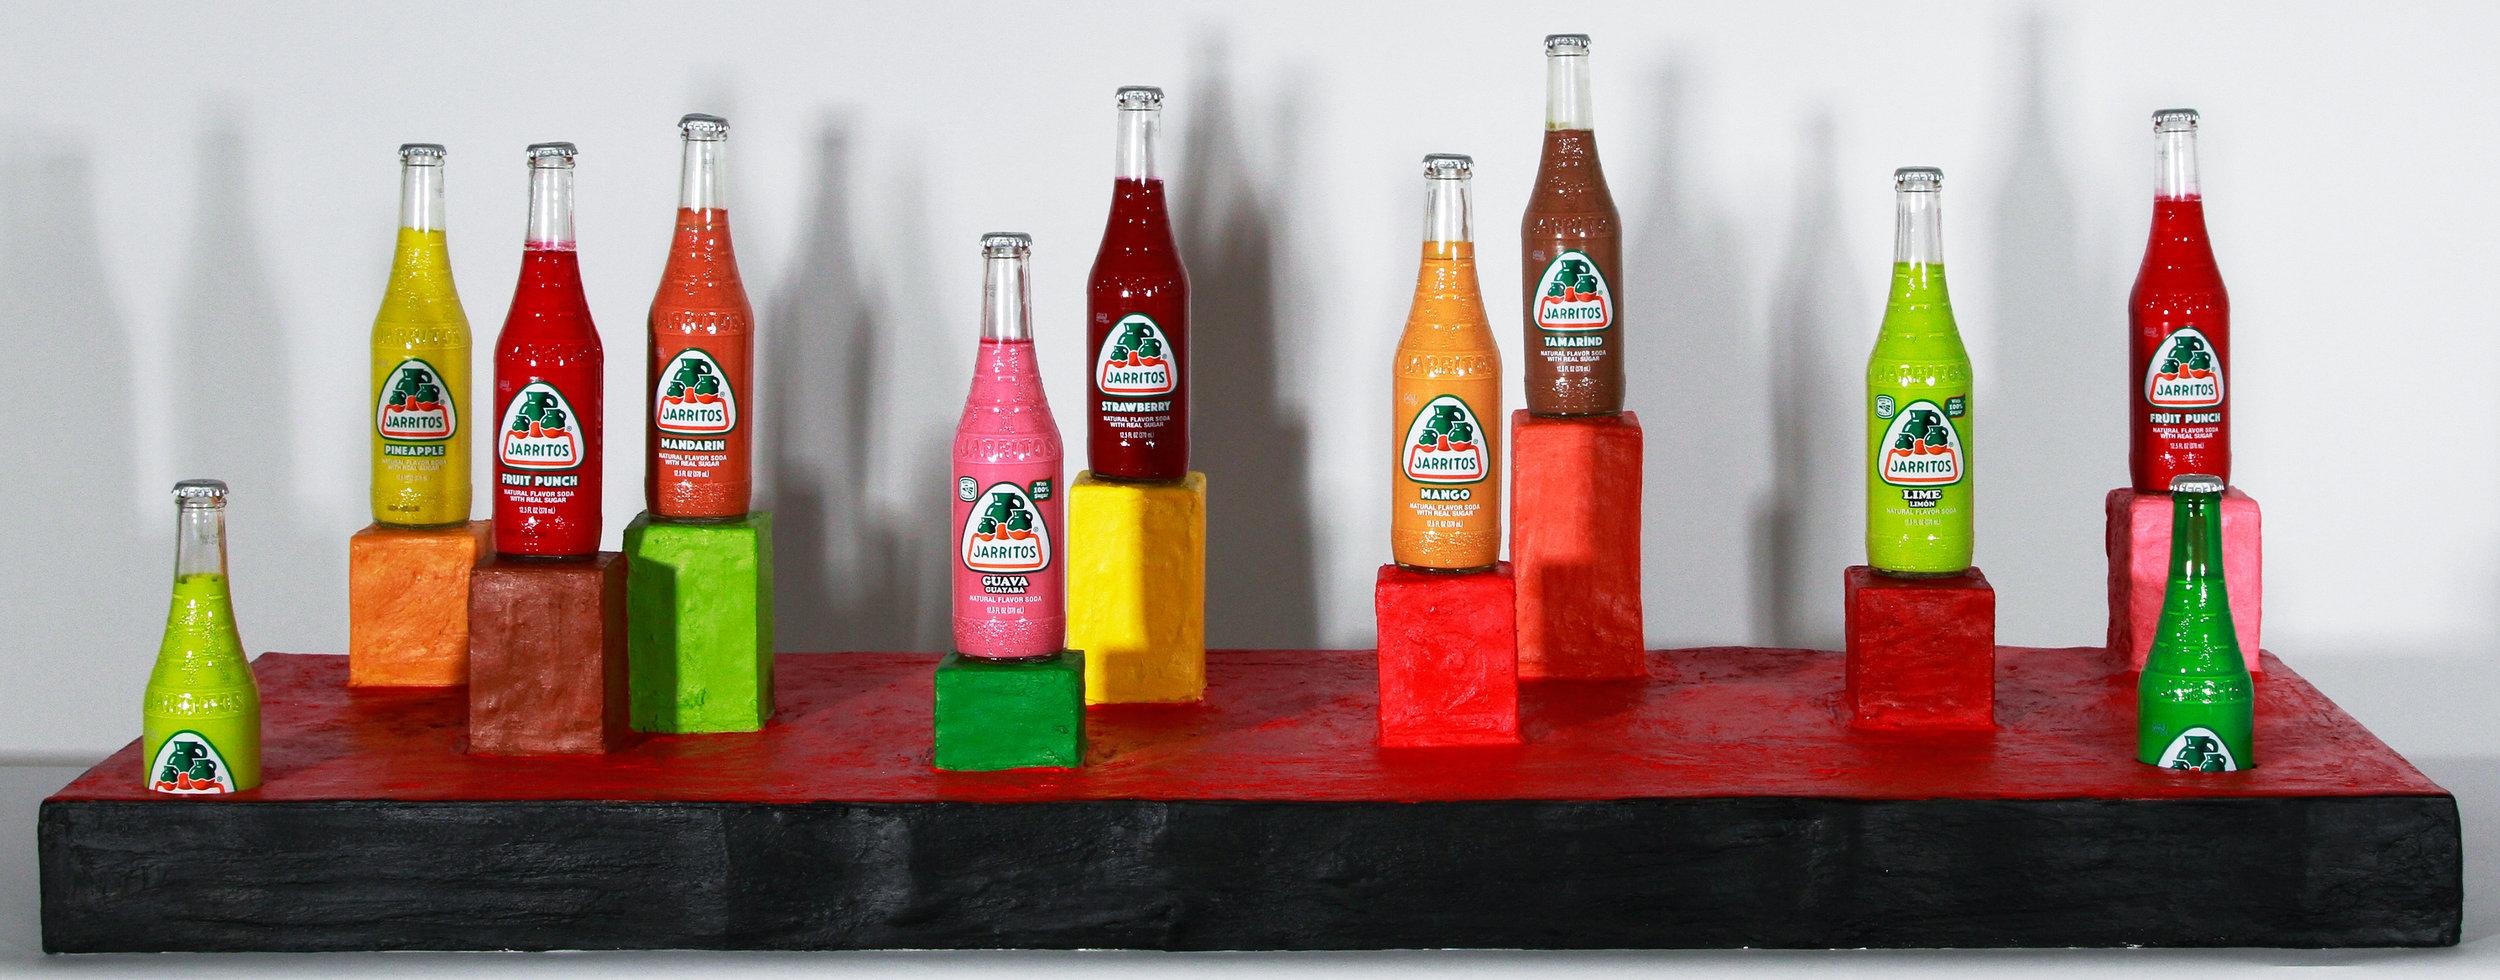 Ciudad de inmigrantes   tempera in Jarritos glass bottles, acrylic on plaster on chipboard